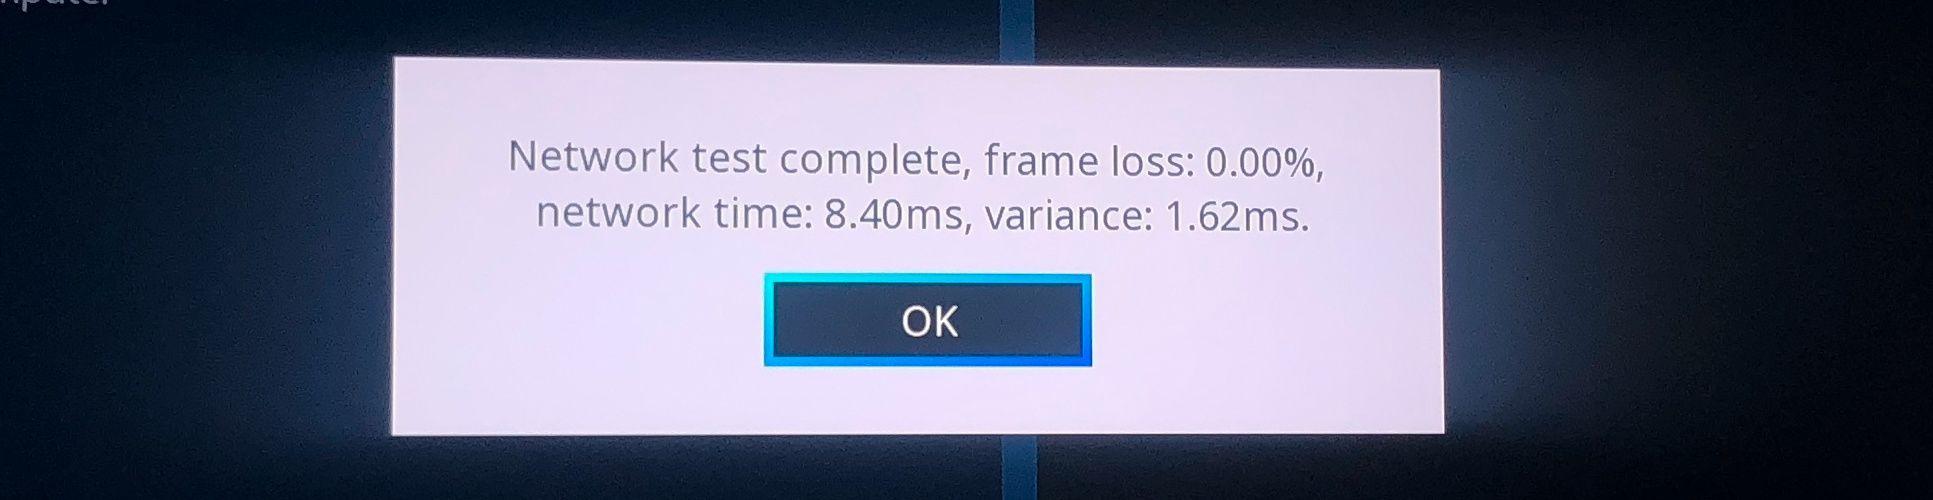 Steam Link-appen tar en liten sjekk av tilkoblingen mellom TV-en og PC-en før den setter igang.